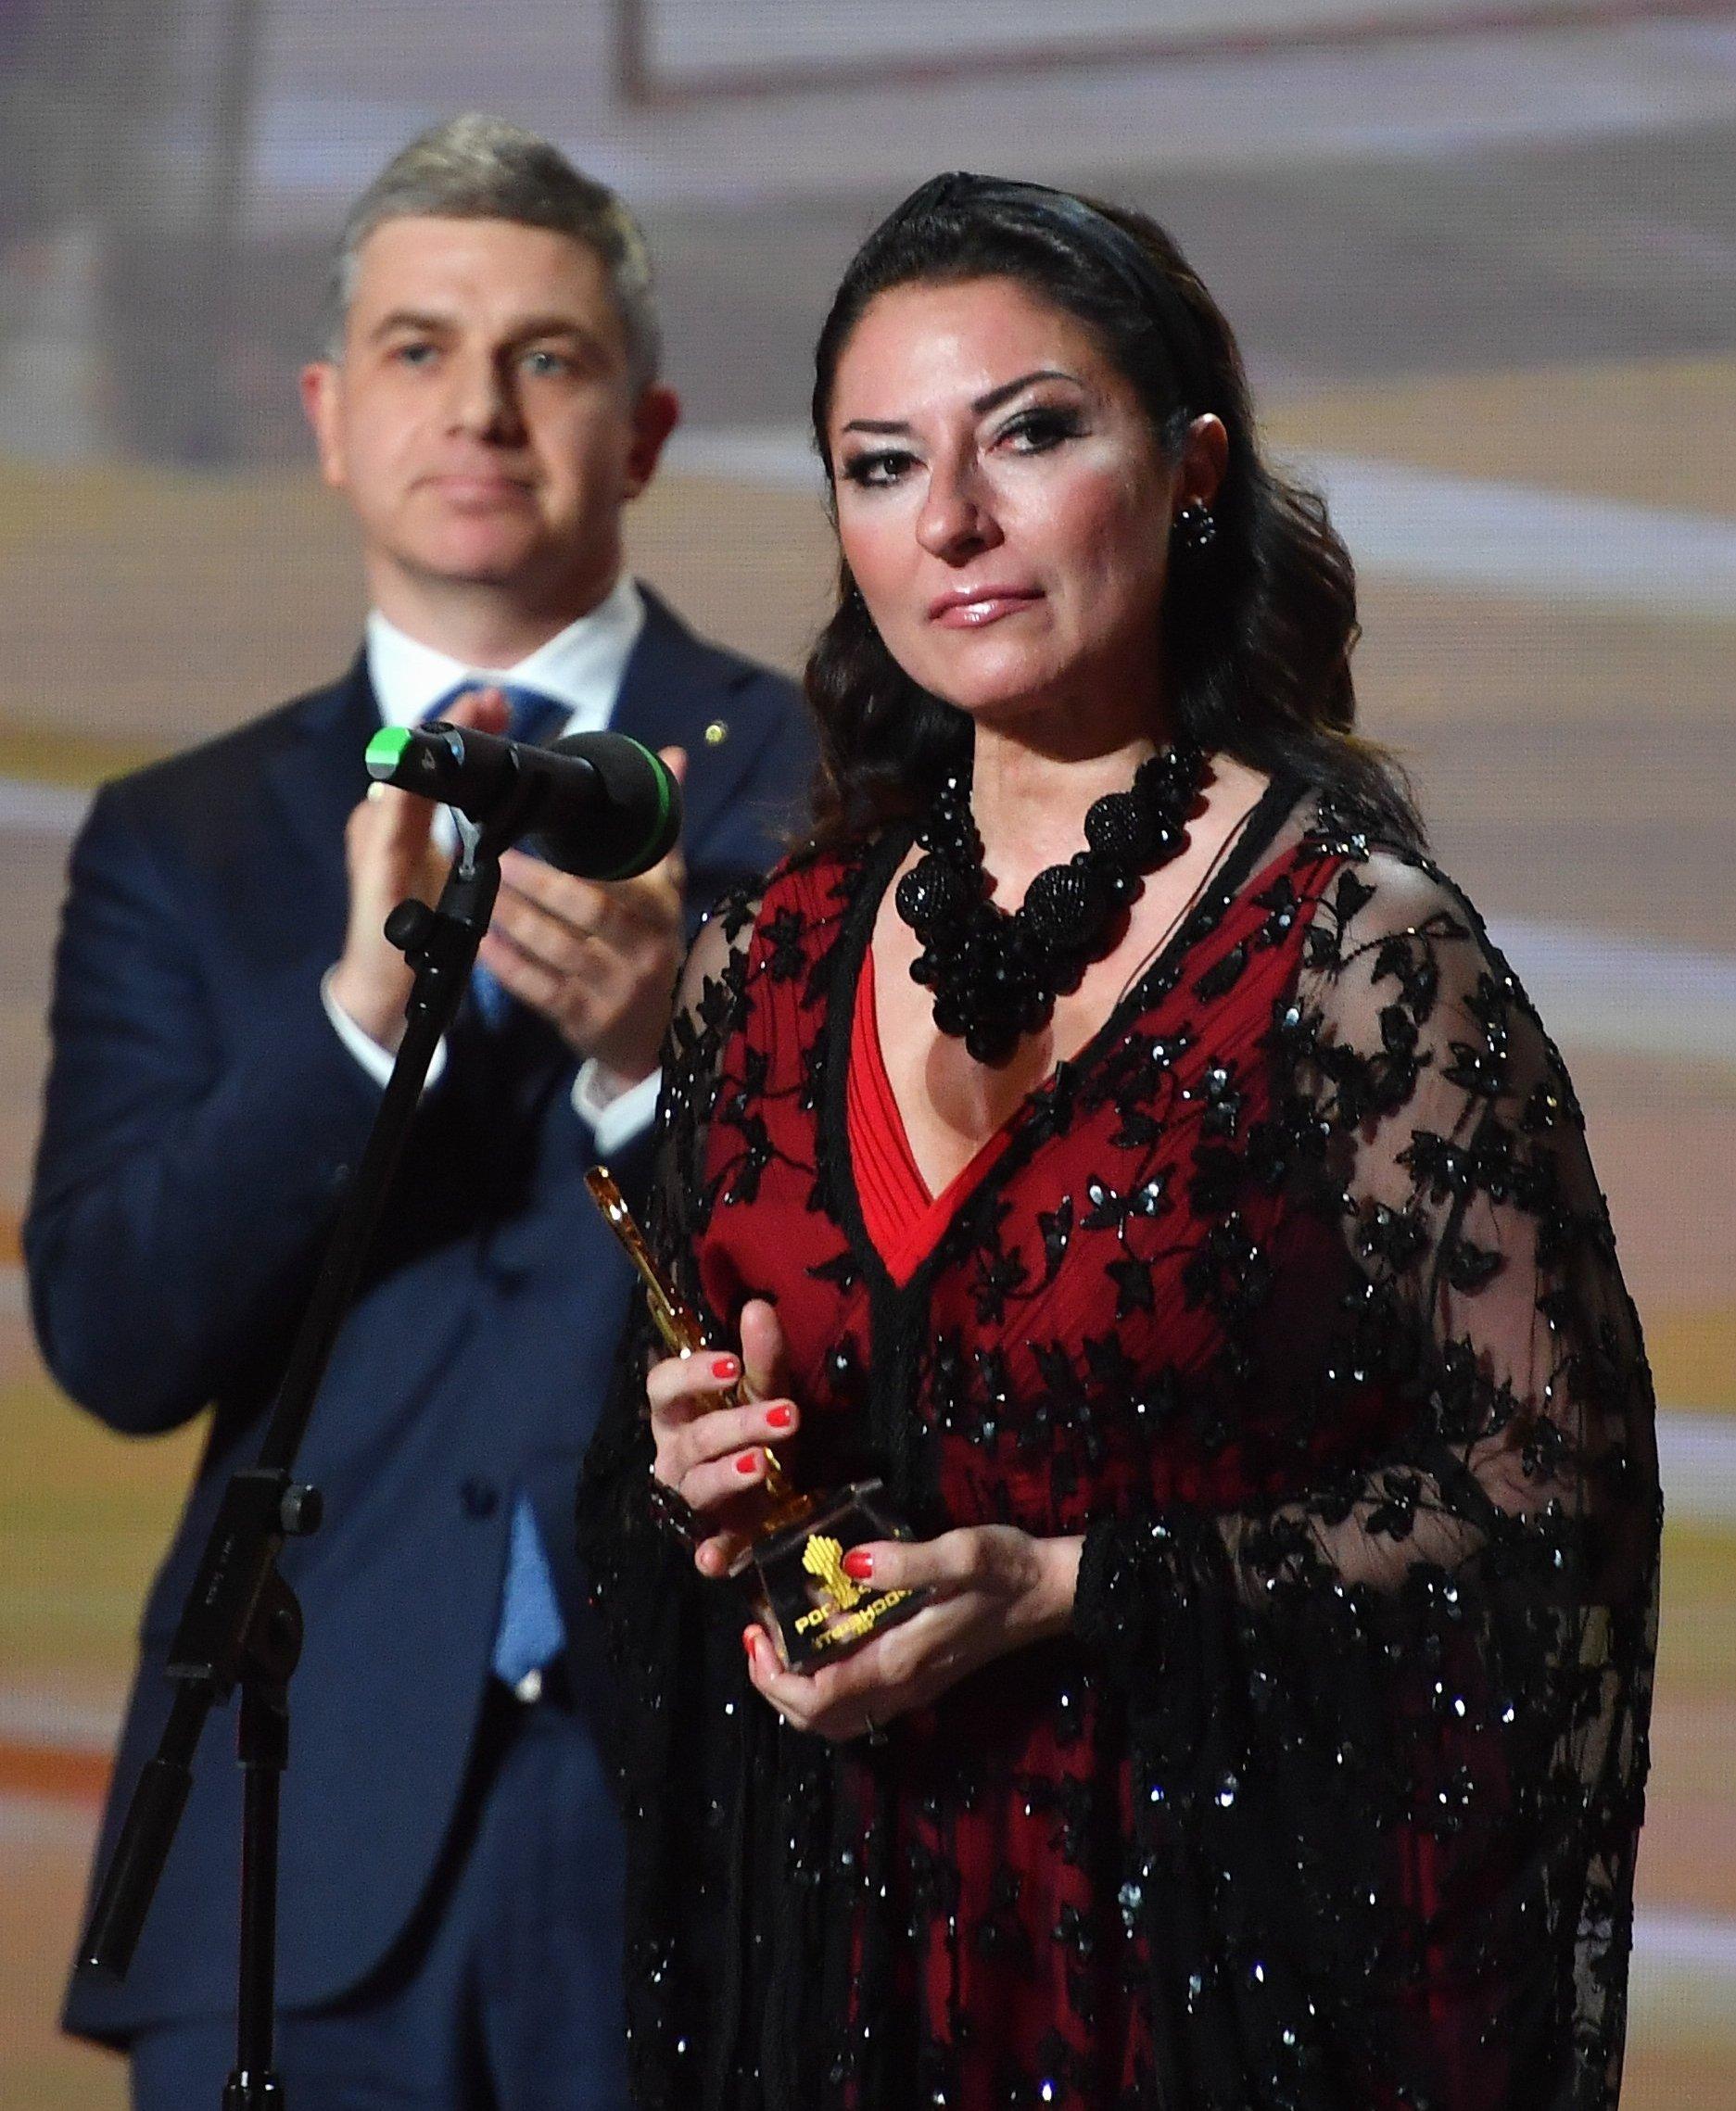 La cantante de ópera Montserrat Martí, hija de Montserrat Caballé, recibe su premio